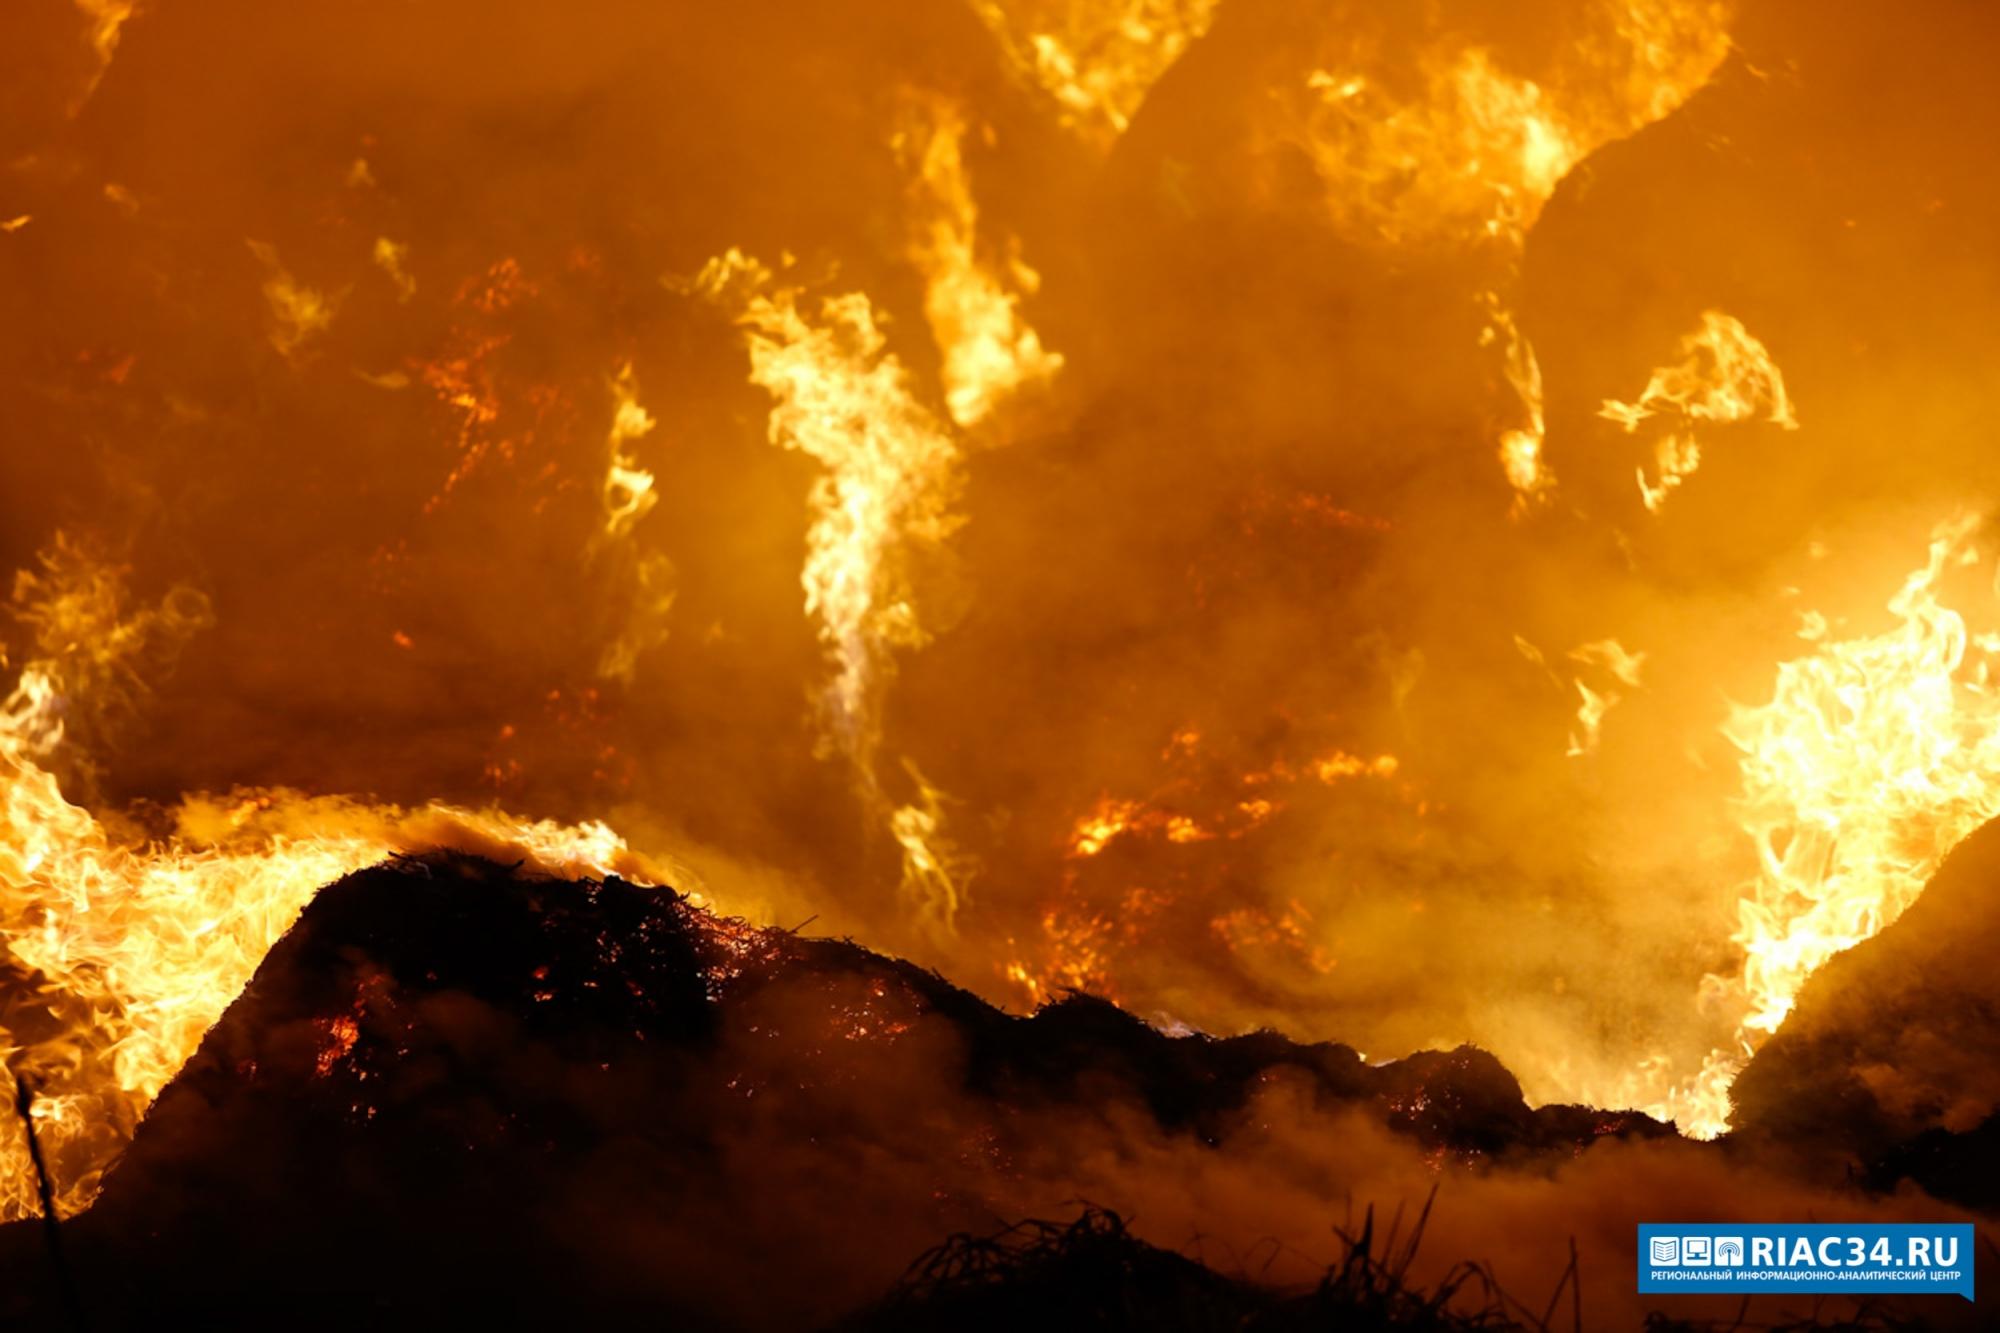 Очередной пожар надачах вВолгограде забрал жизни 2-х человек